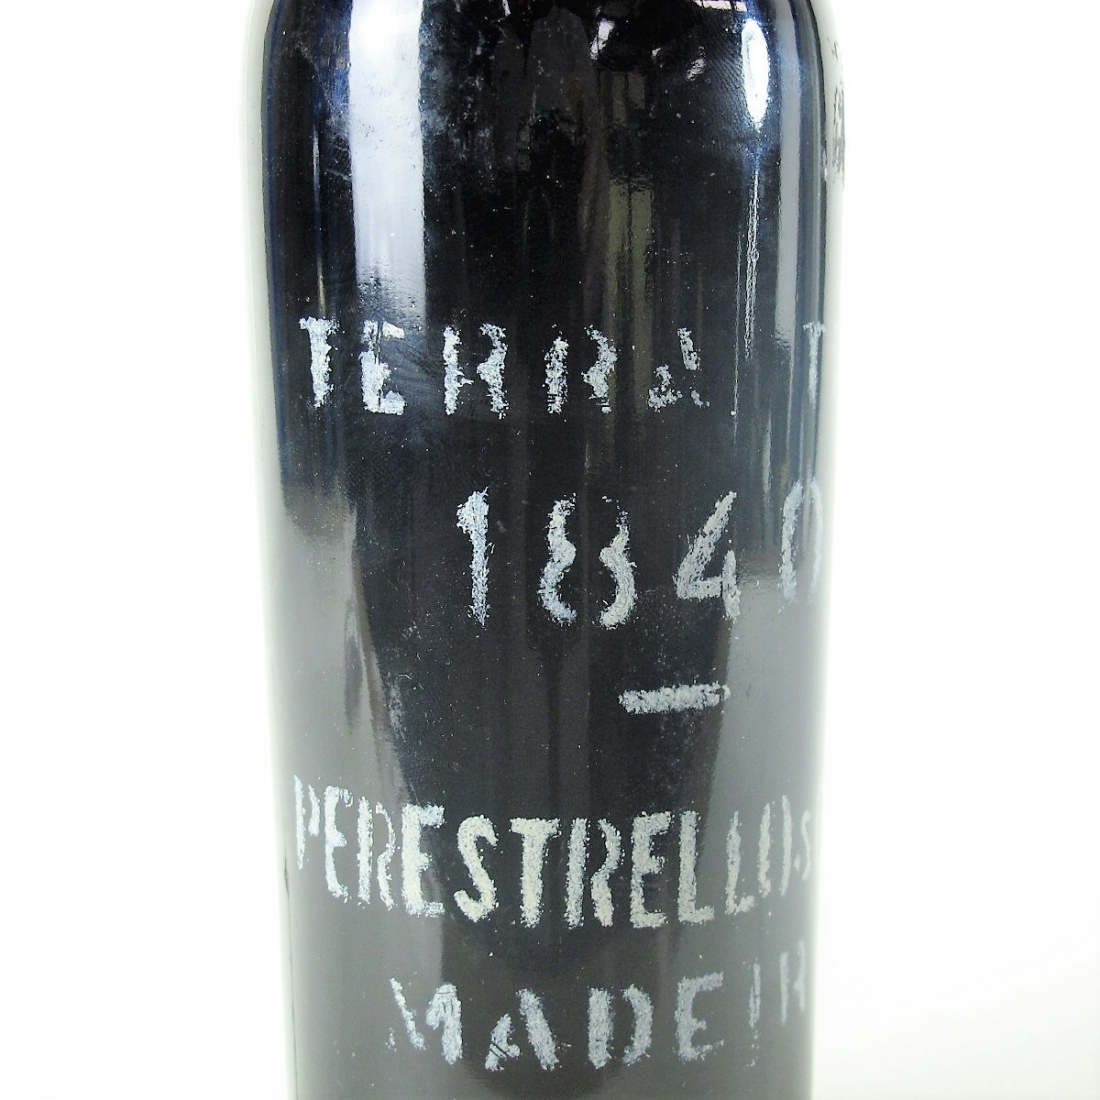 Perestrello 1840 Terrantez Madeira